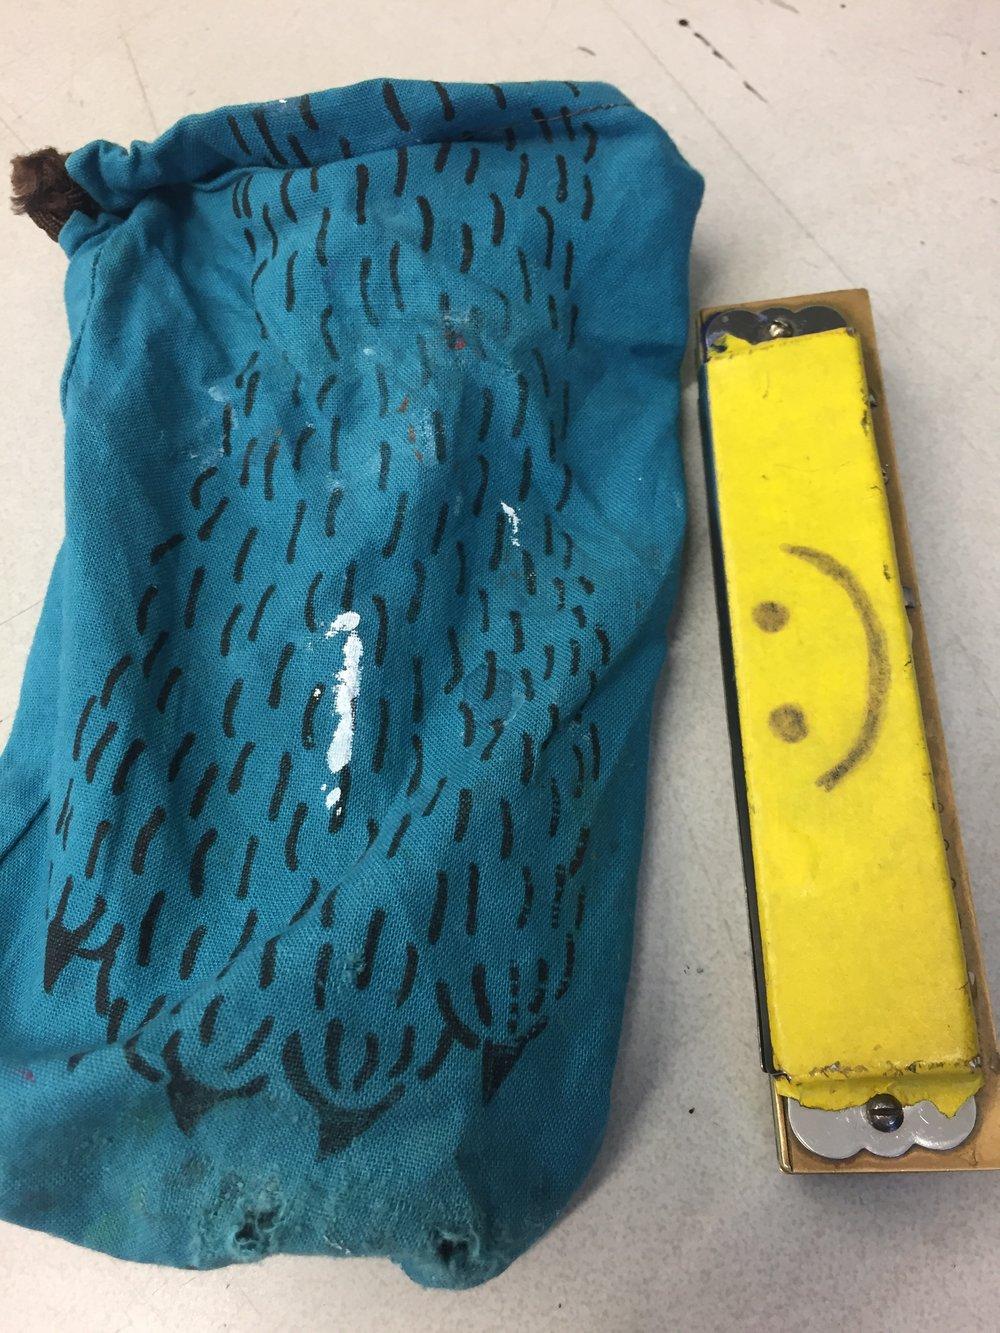 The harmonica pocket, from UTTOKO, got holes on the bottom since I often keep scissors as well. I need to fix the bottom when I have some time. 東京の美大時代の古い友人愛ちゃんのオリジナル手作りバッグブランド  UTTOKO の茶巾袋をハーモニカポケットに使っています。ハサミも一緒に入れることが多いので、底に穴が開いてしまいましたが、ここまで使うと愛着いっぱいなので、時間がある時に補強しよう。